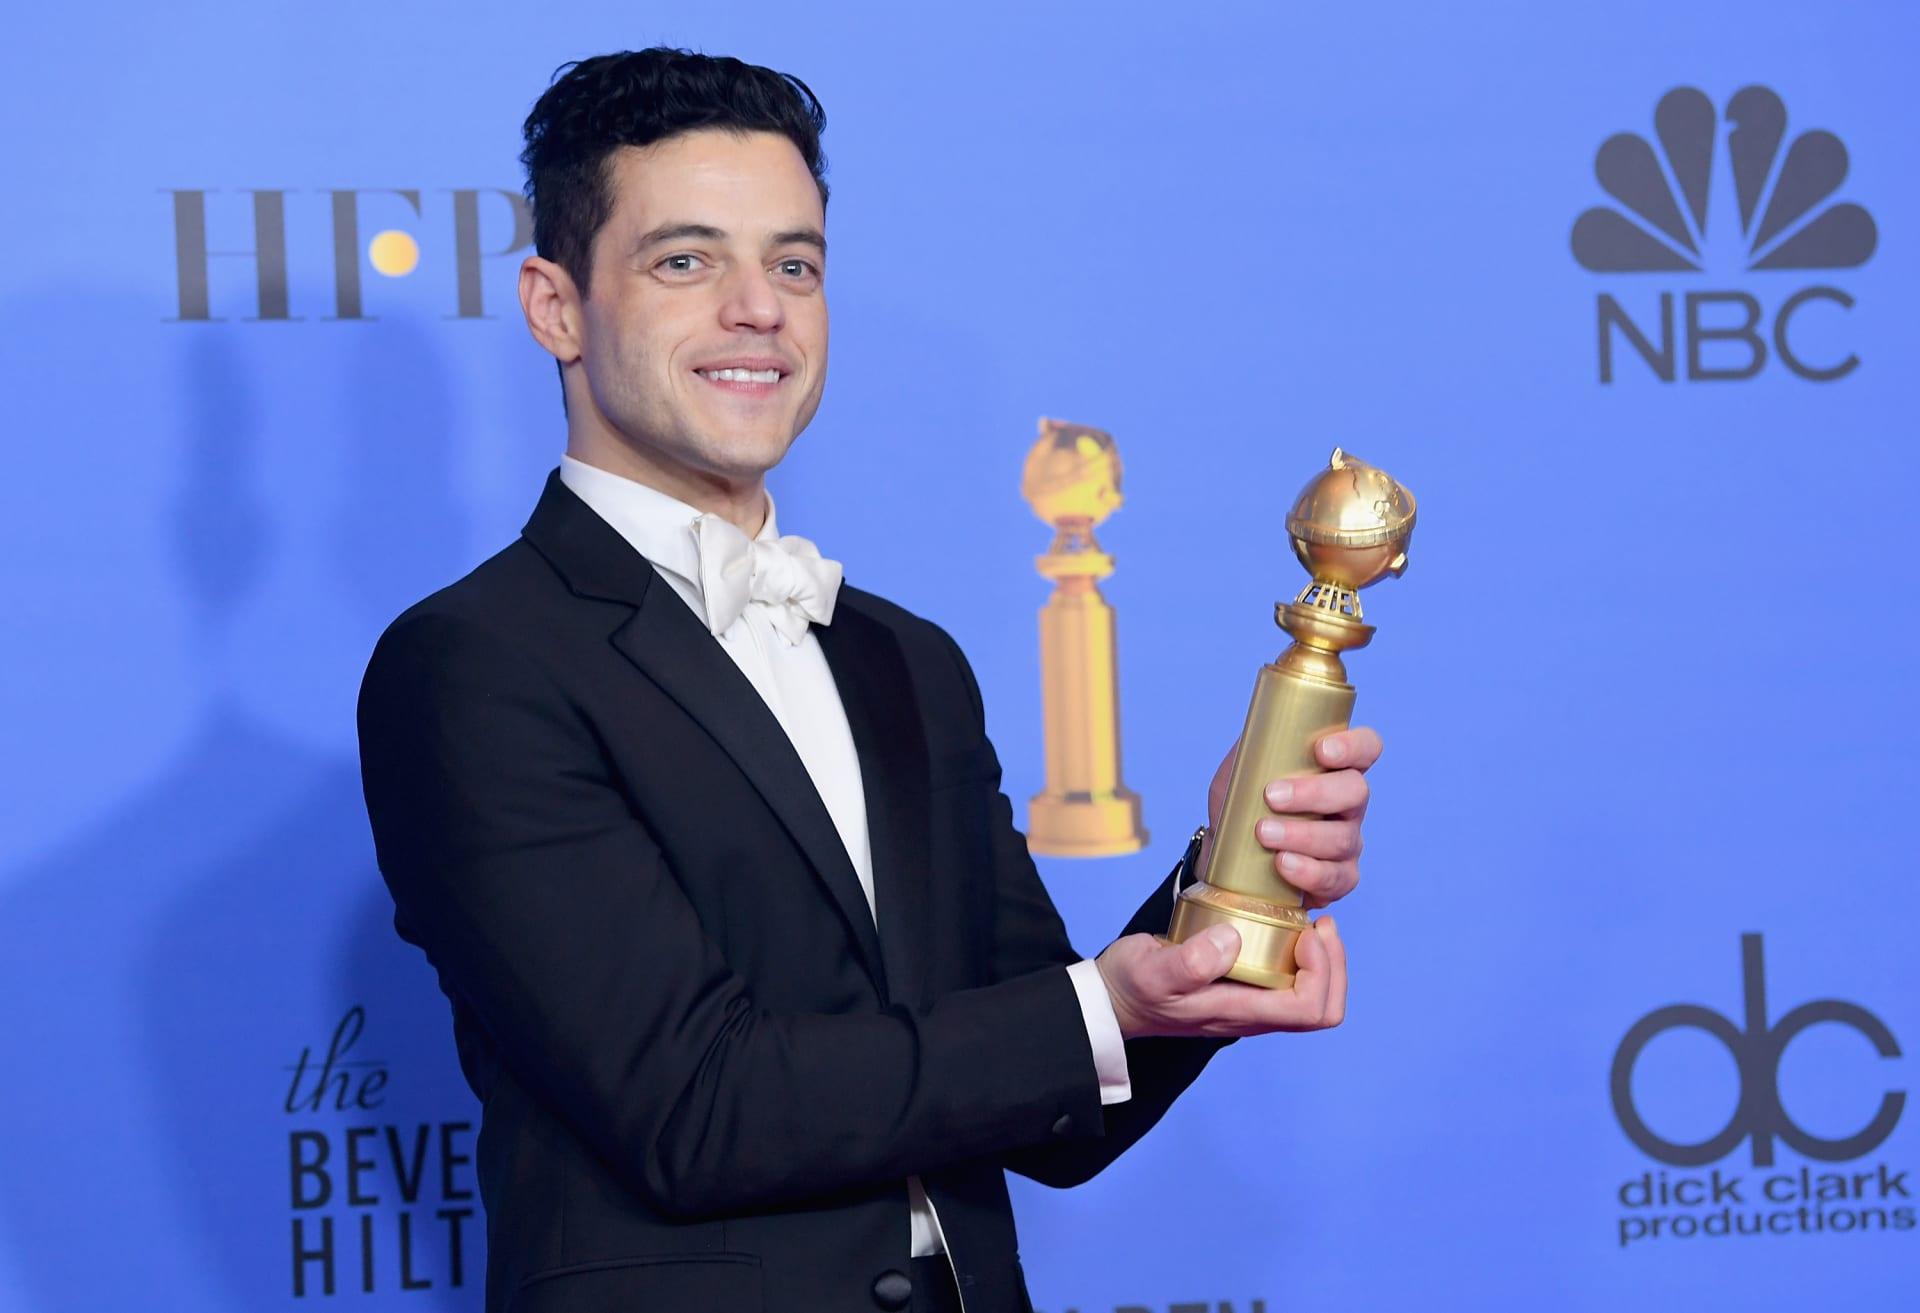 القائمة الكاملة للفائزين بجوائز السينما في حفل غولدن غلوبز